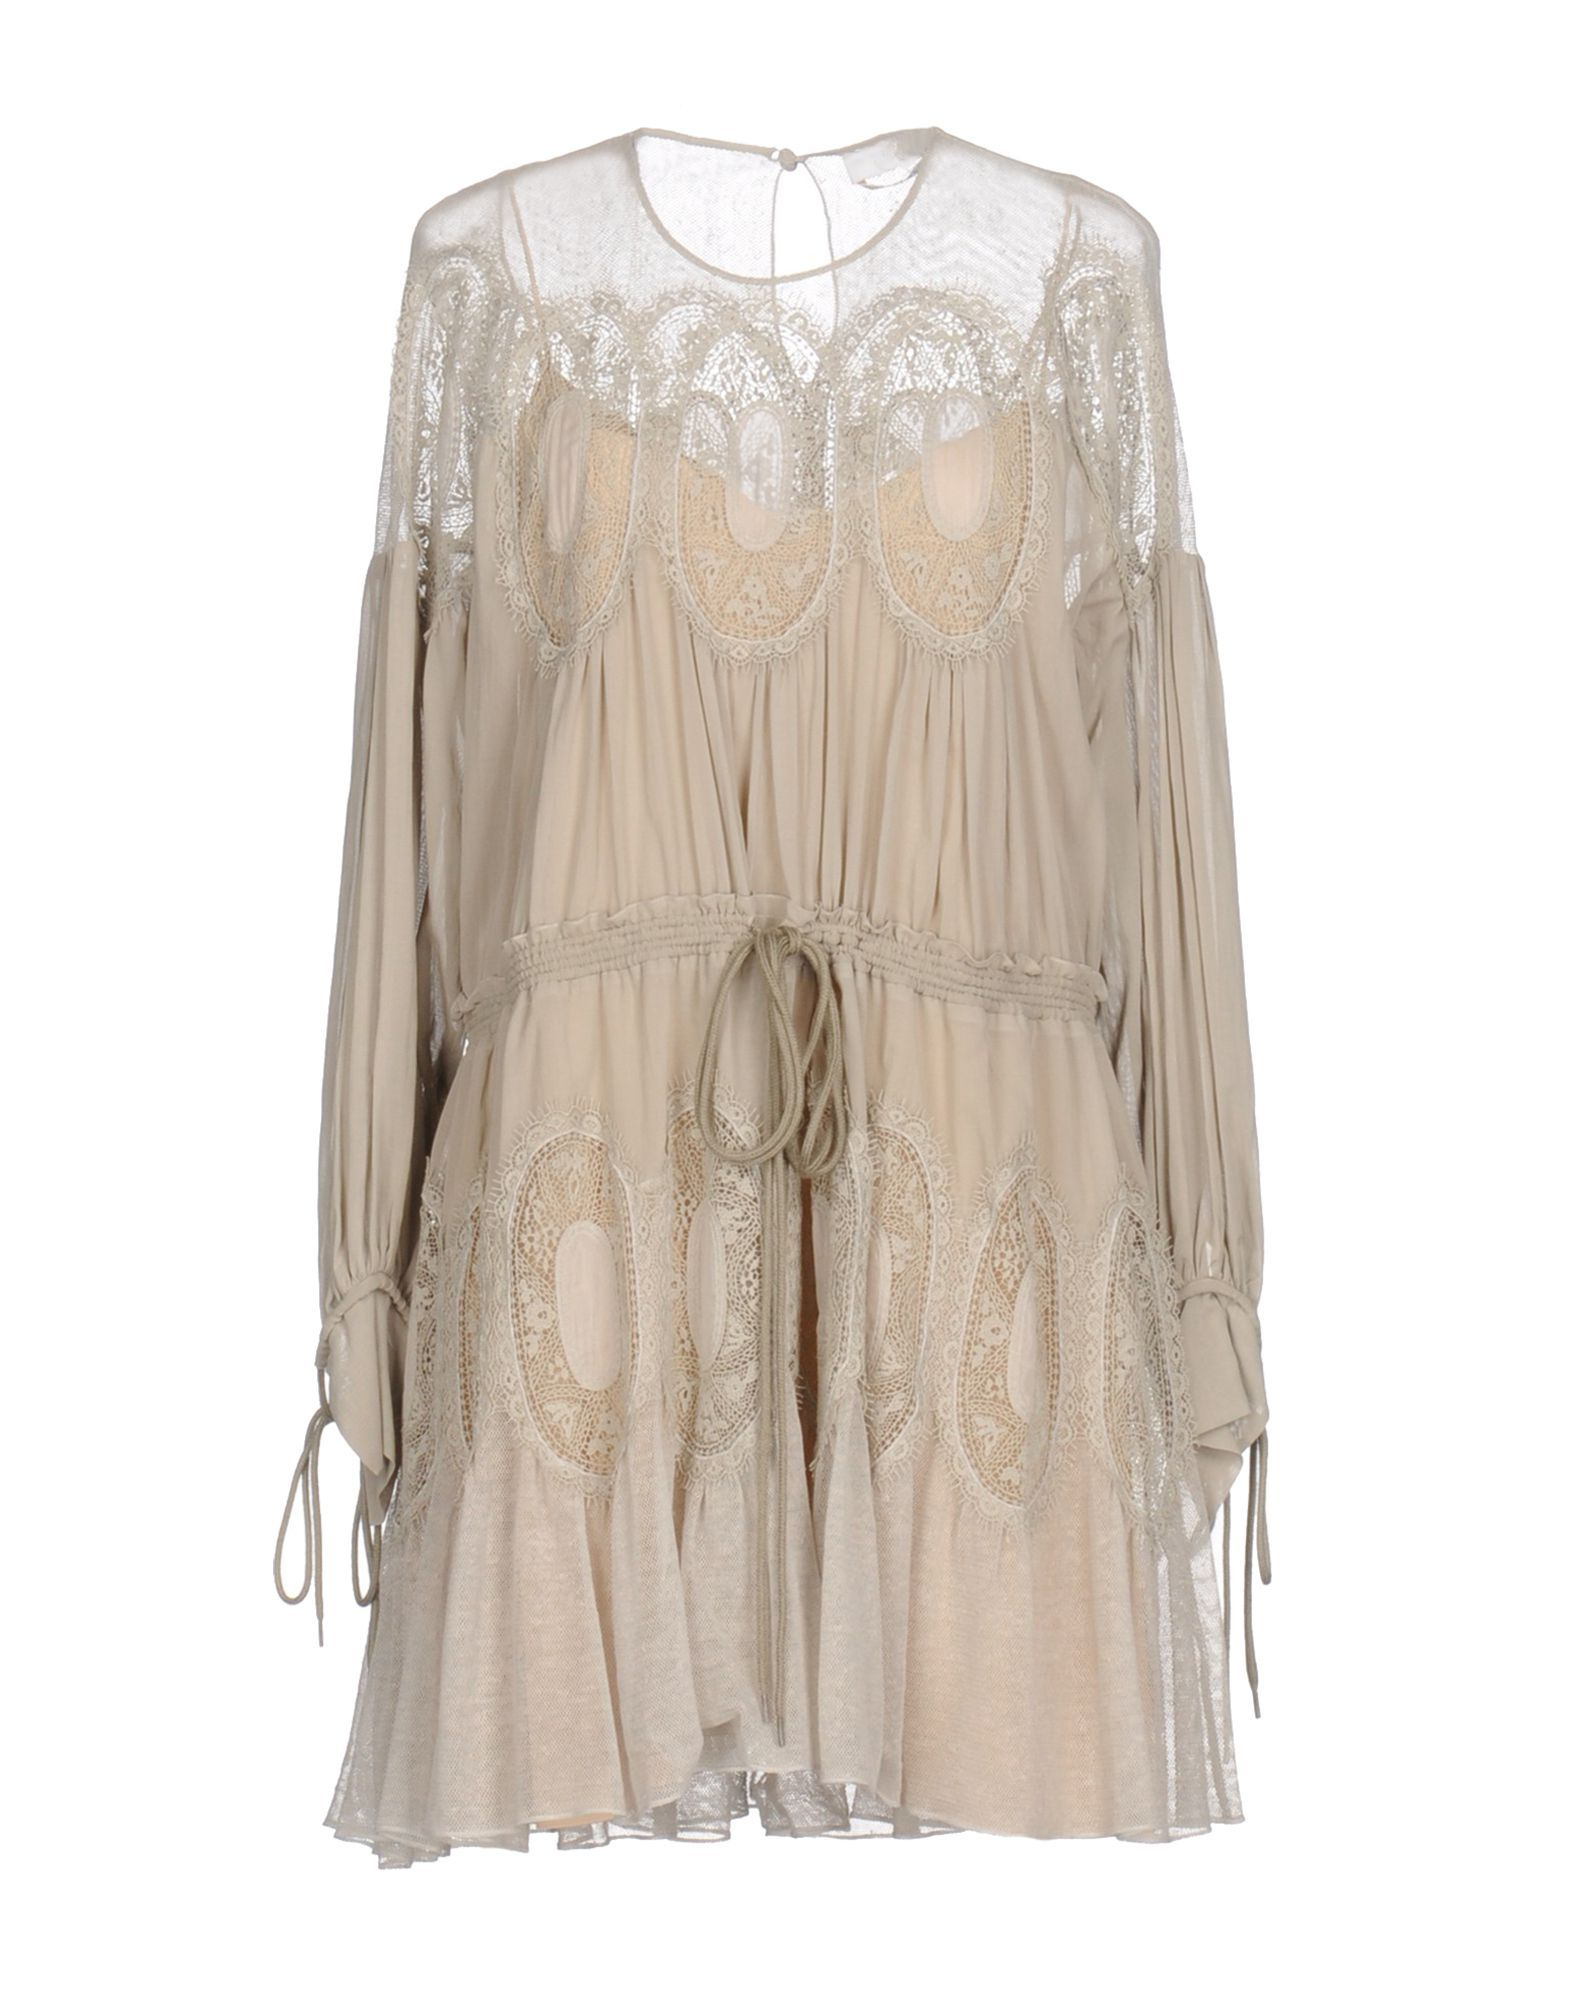 Κοντό Φόρεμα Chloé Γυναίκα - Κοντά Φορέματα Chloé στο YOOX - 34757928XO 09f5c1f8517